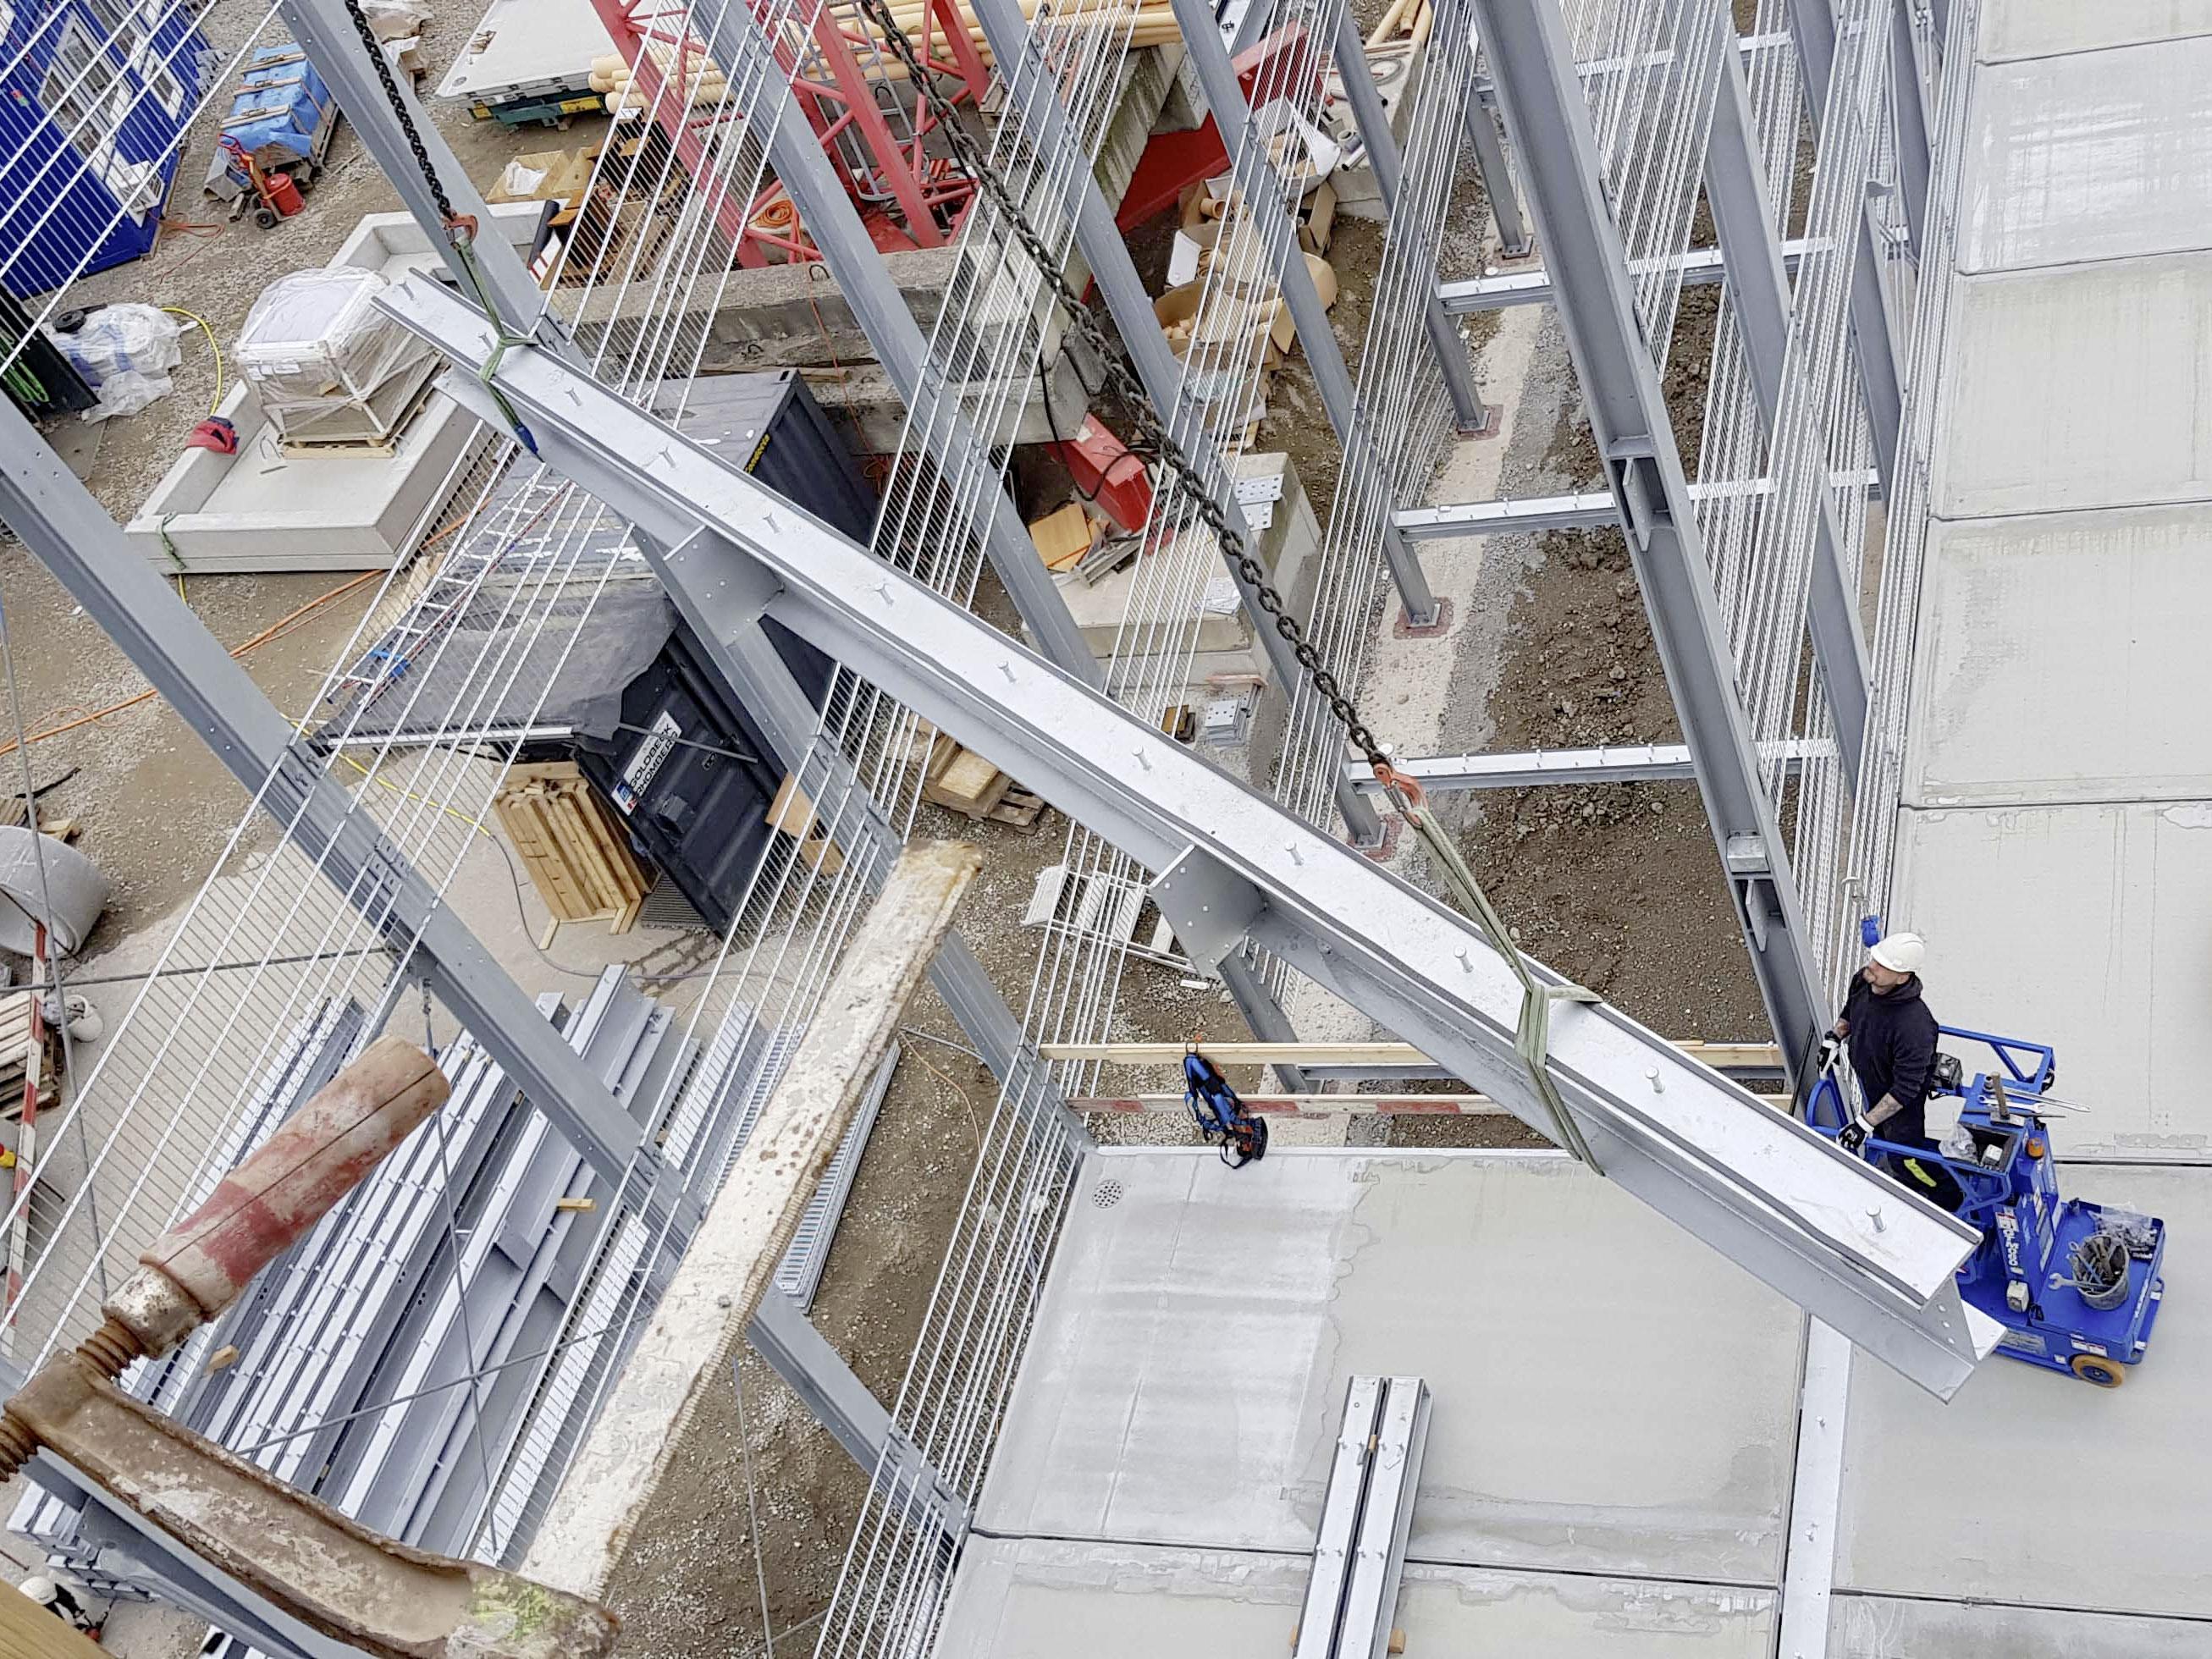 Überprüfung der Realisierbarkeit eines Projektes auf Basis von Kosten-, Termin- und Qualitätsvorgaben.